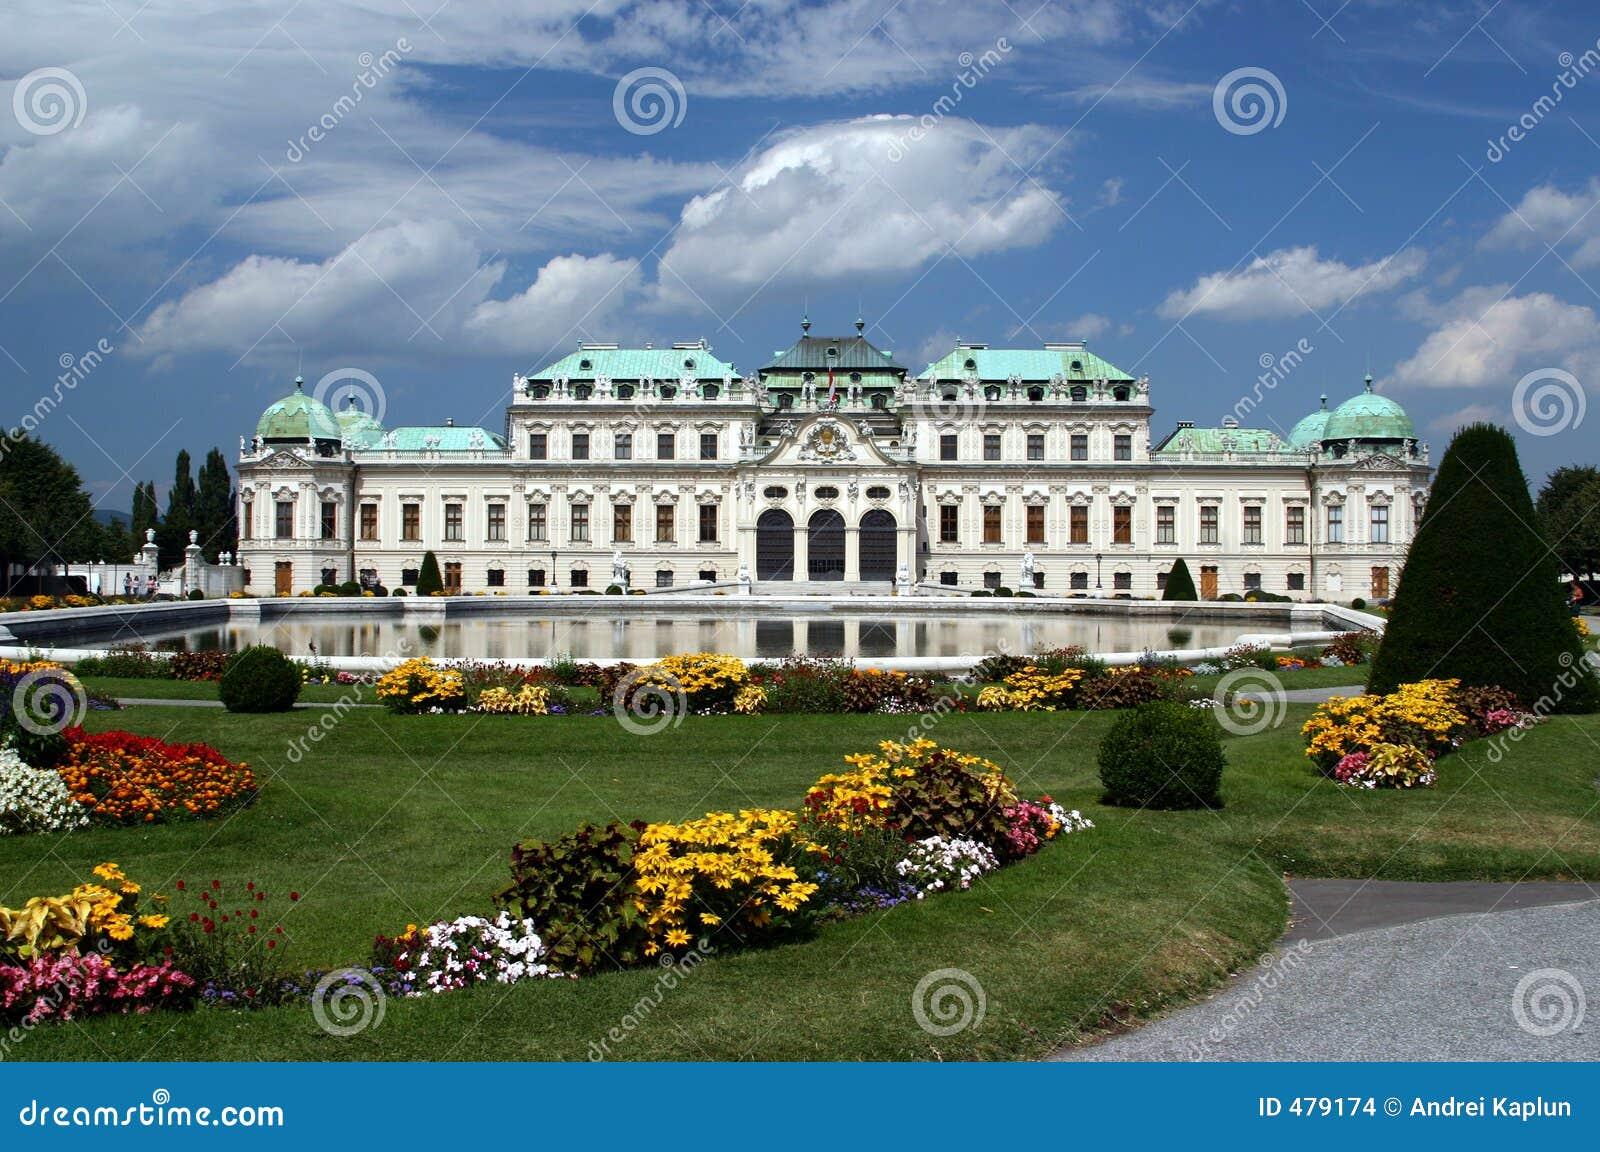 Castelo do Belvedere em Viena